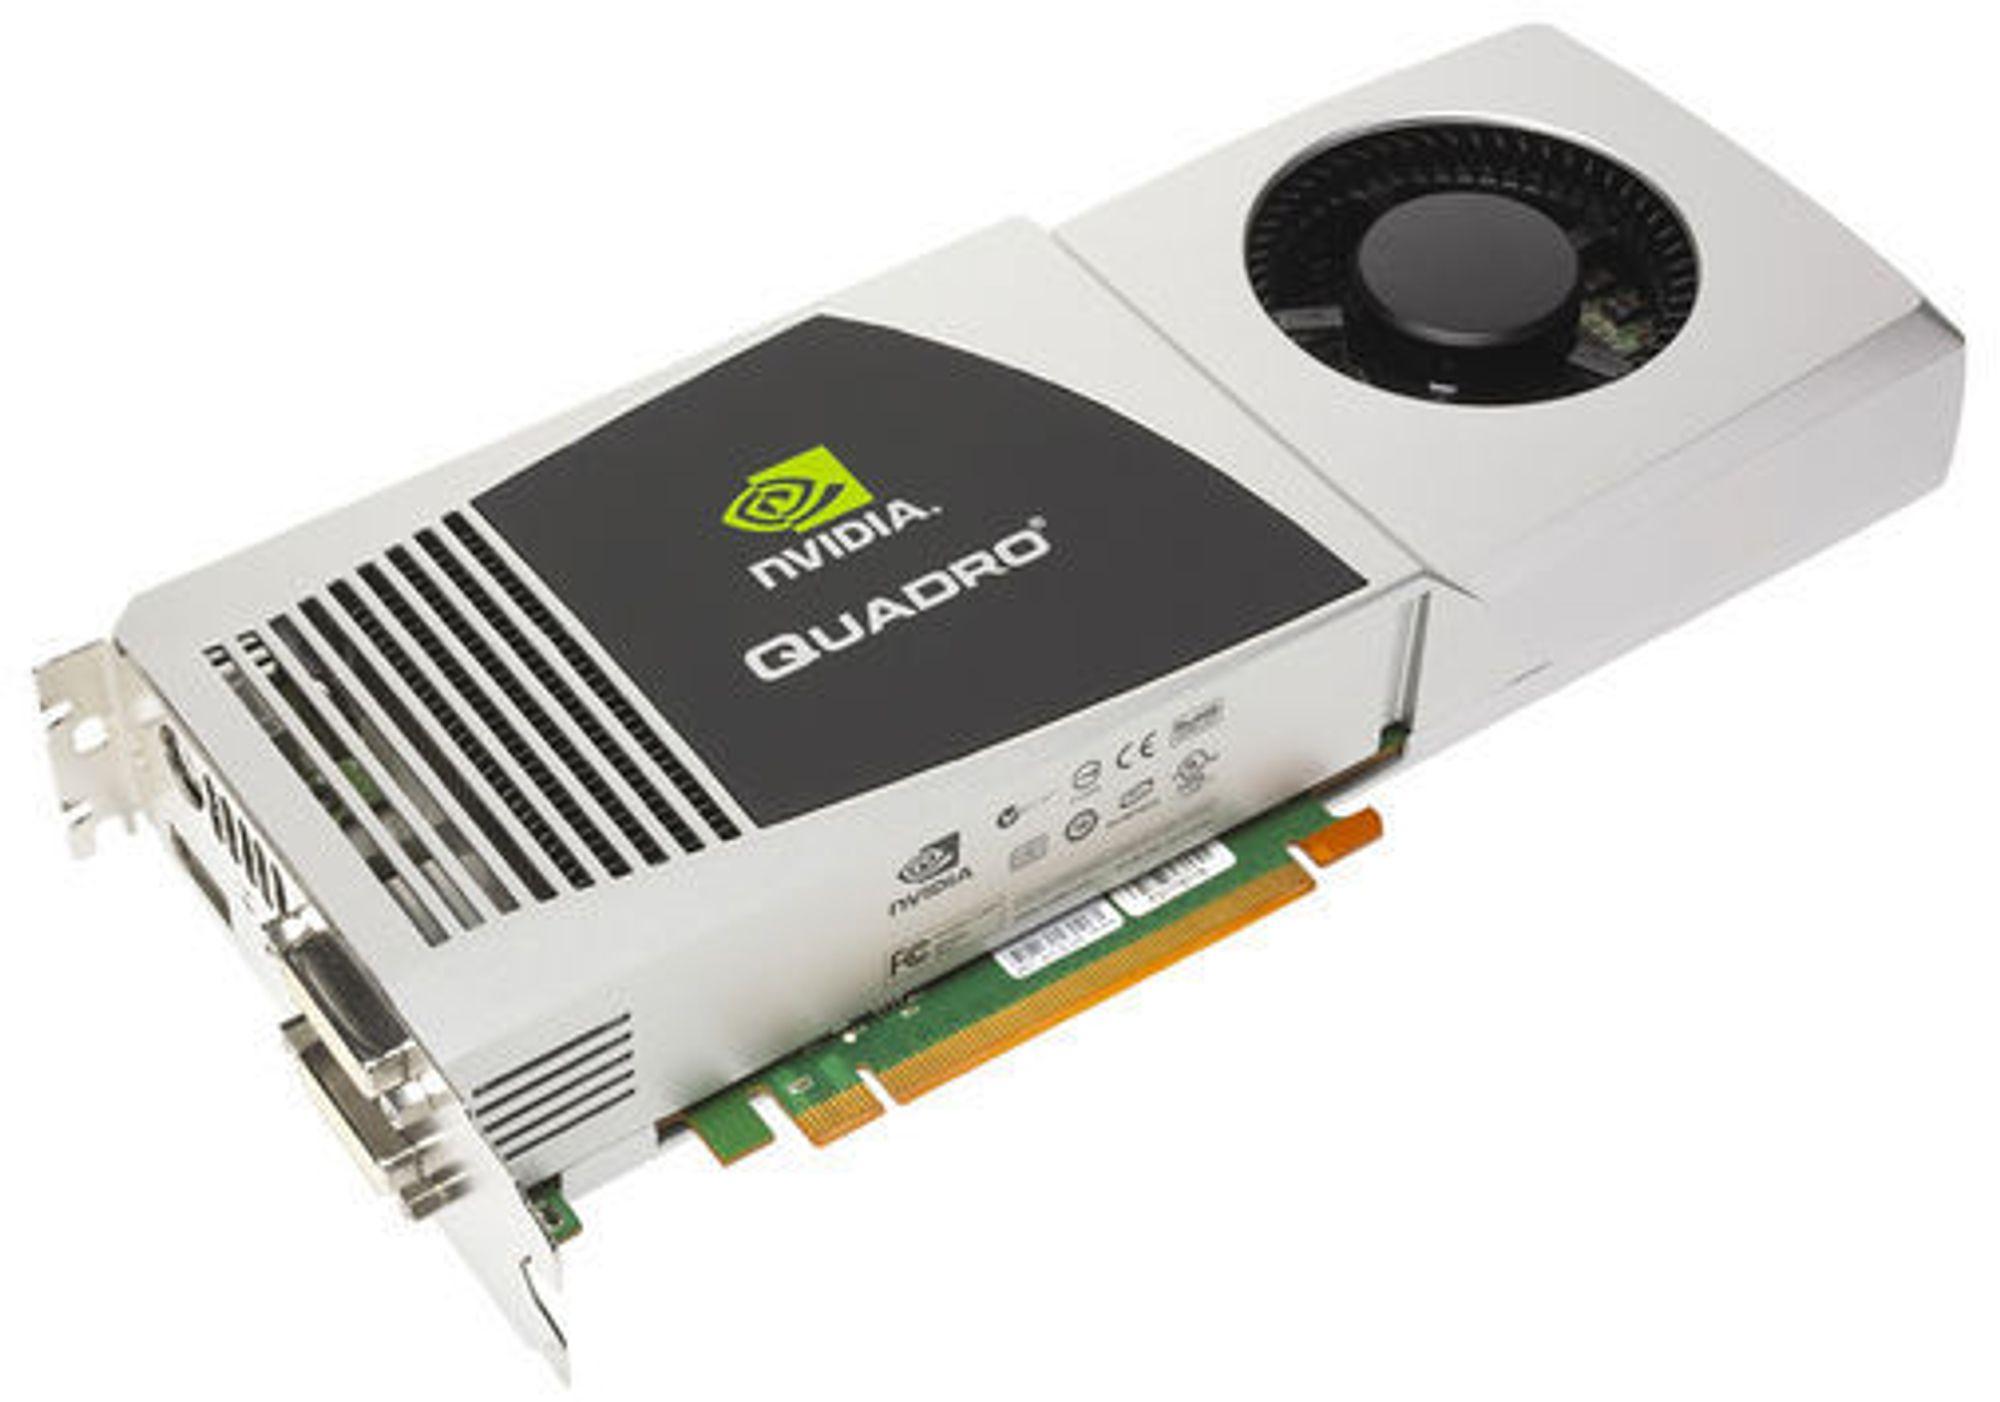 Nvidia Quadro FX 5800 konseptmodell